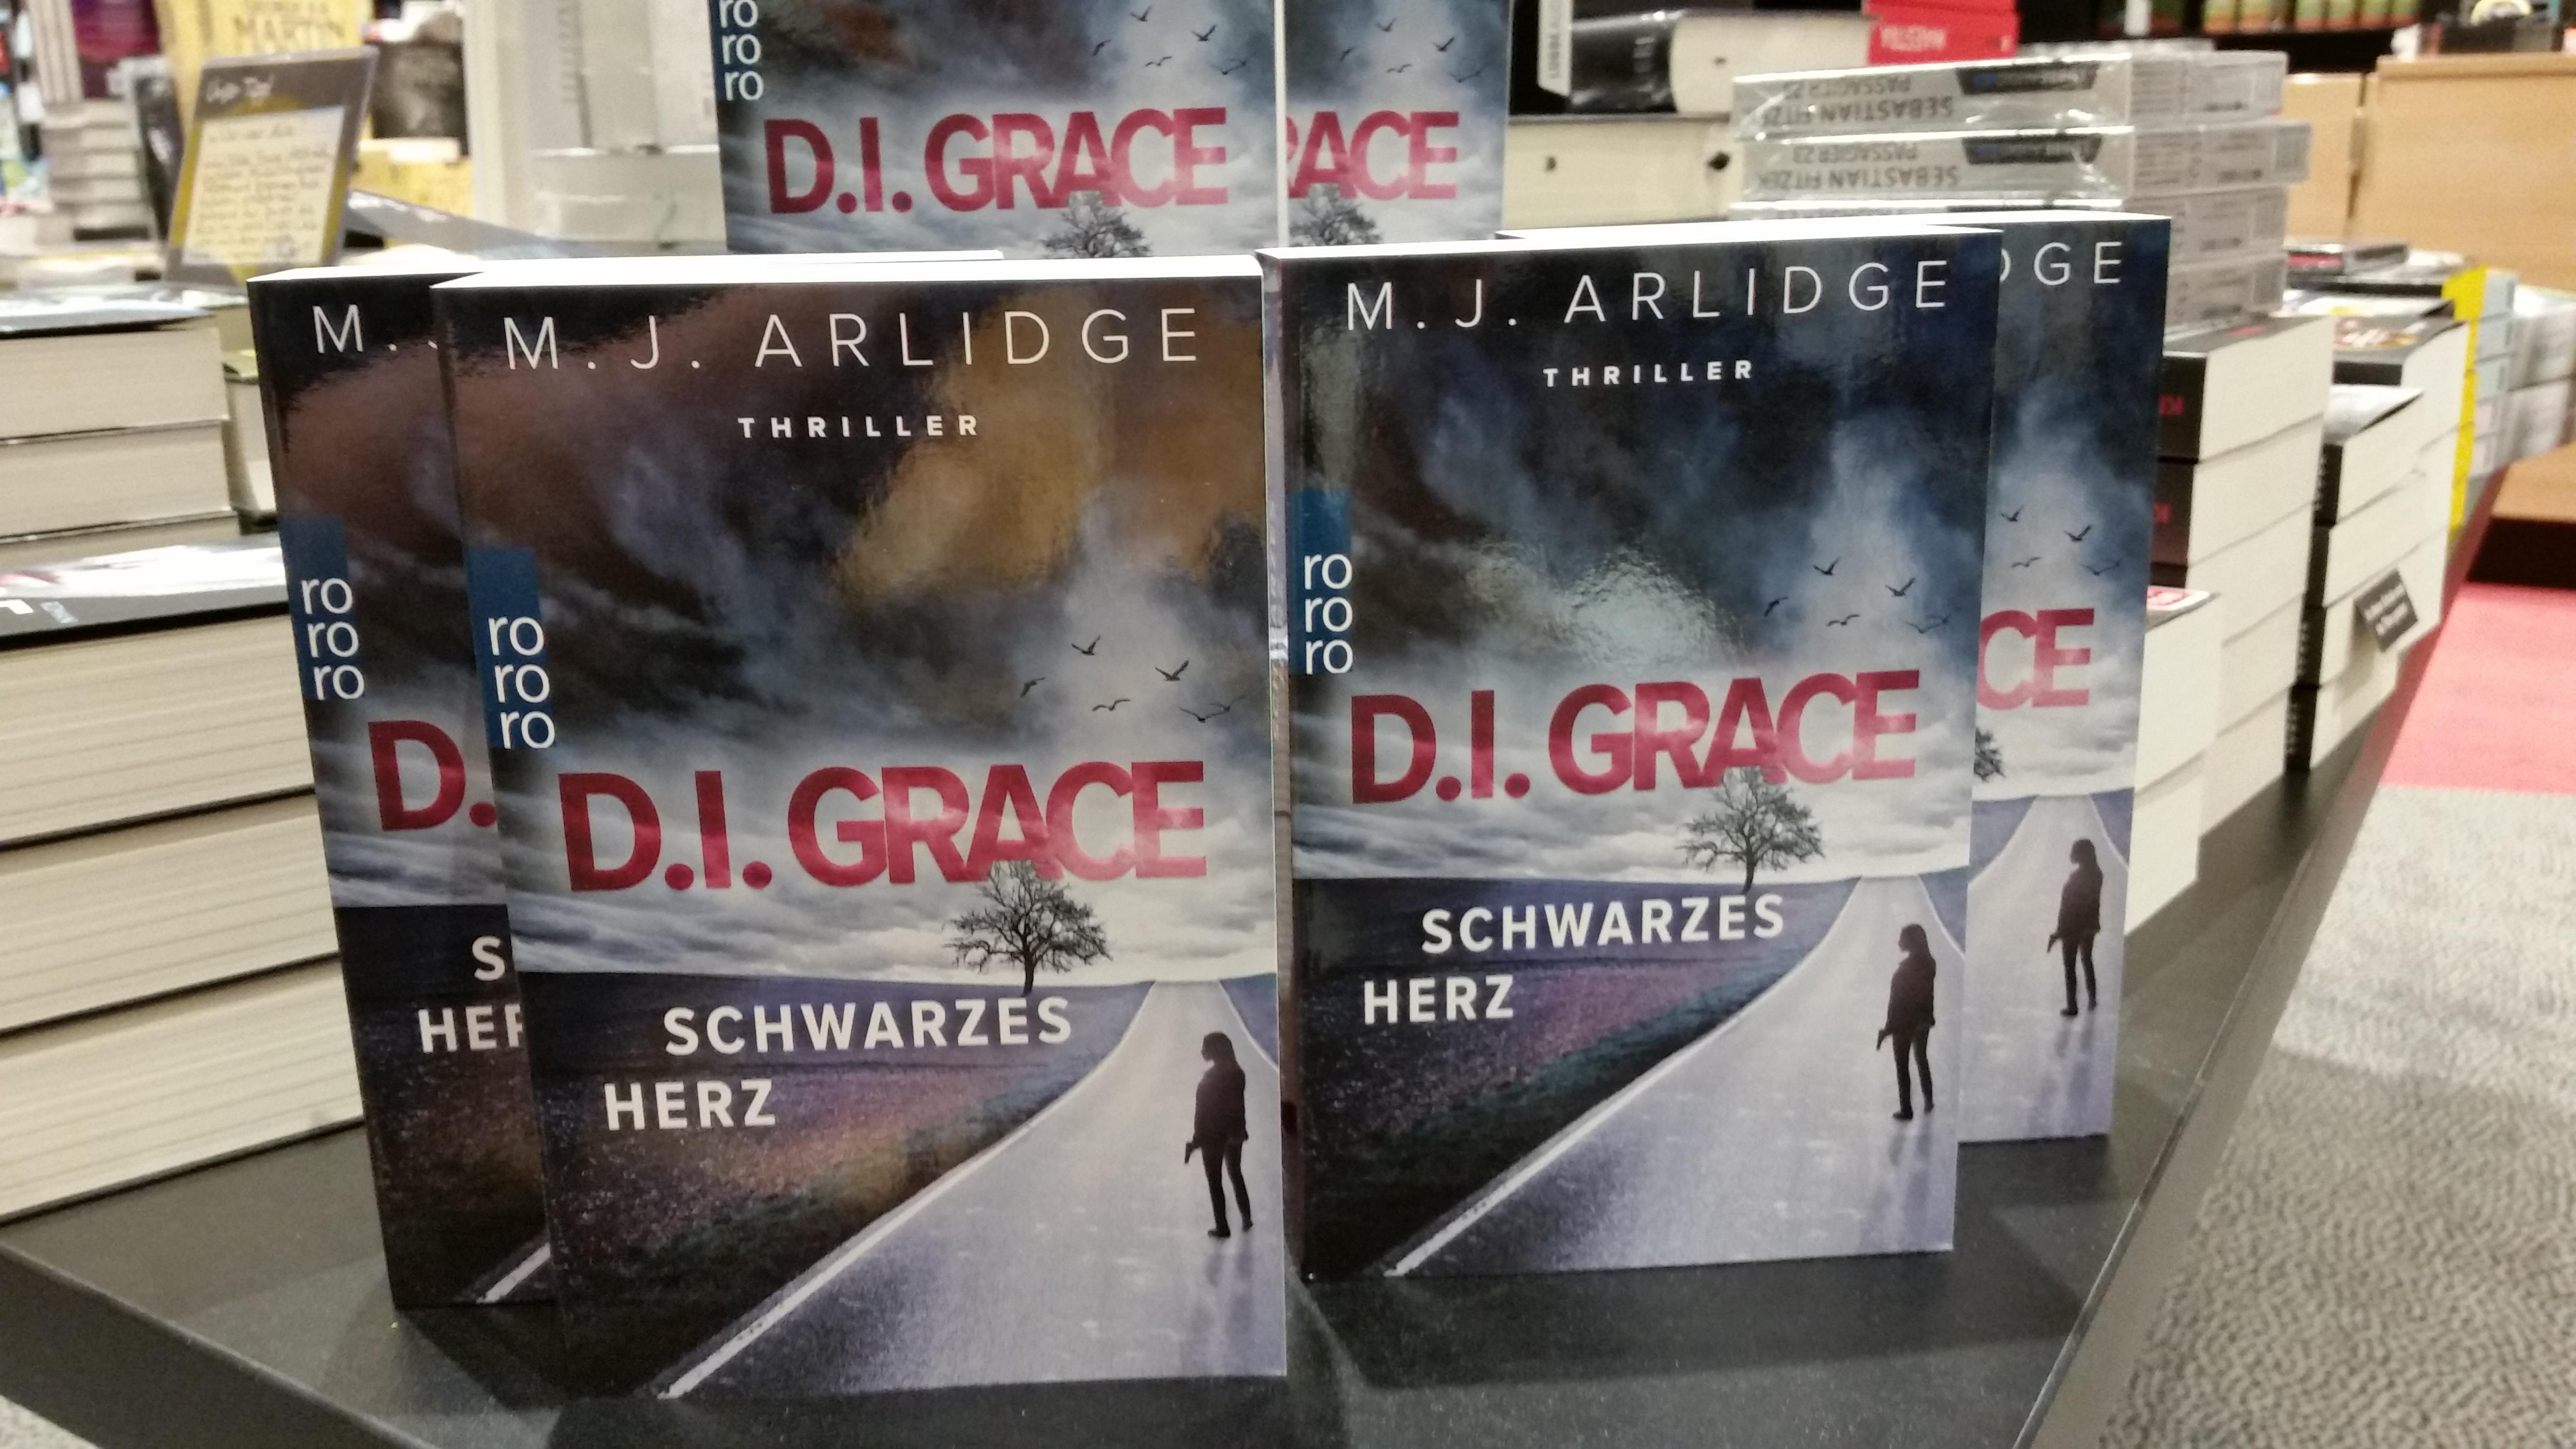 D.I. Grace